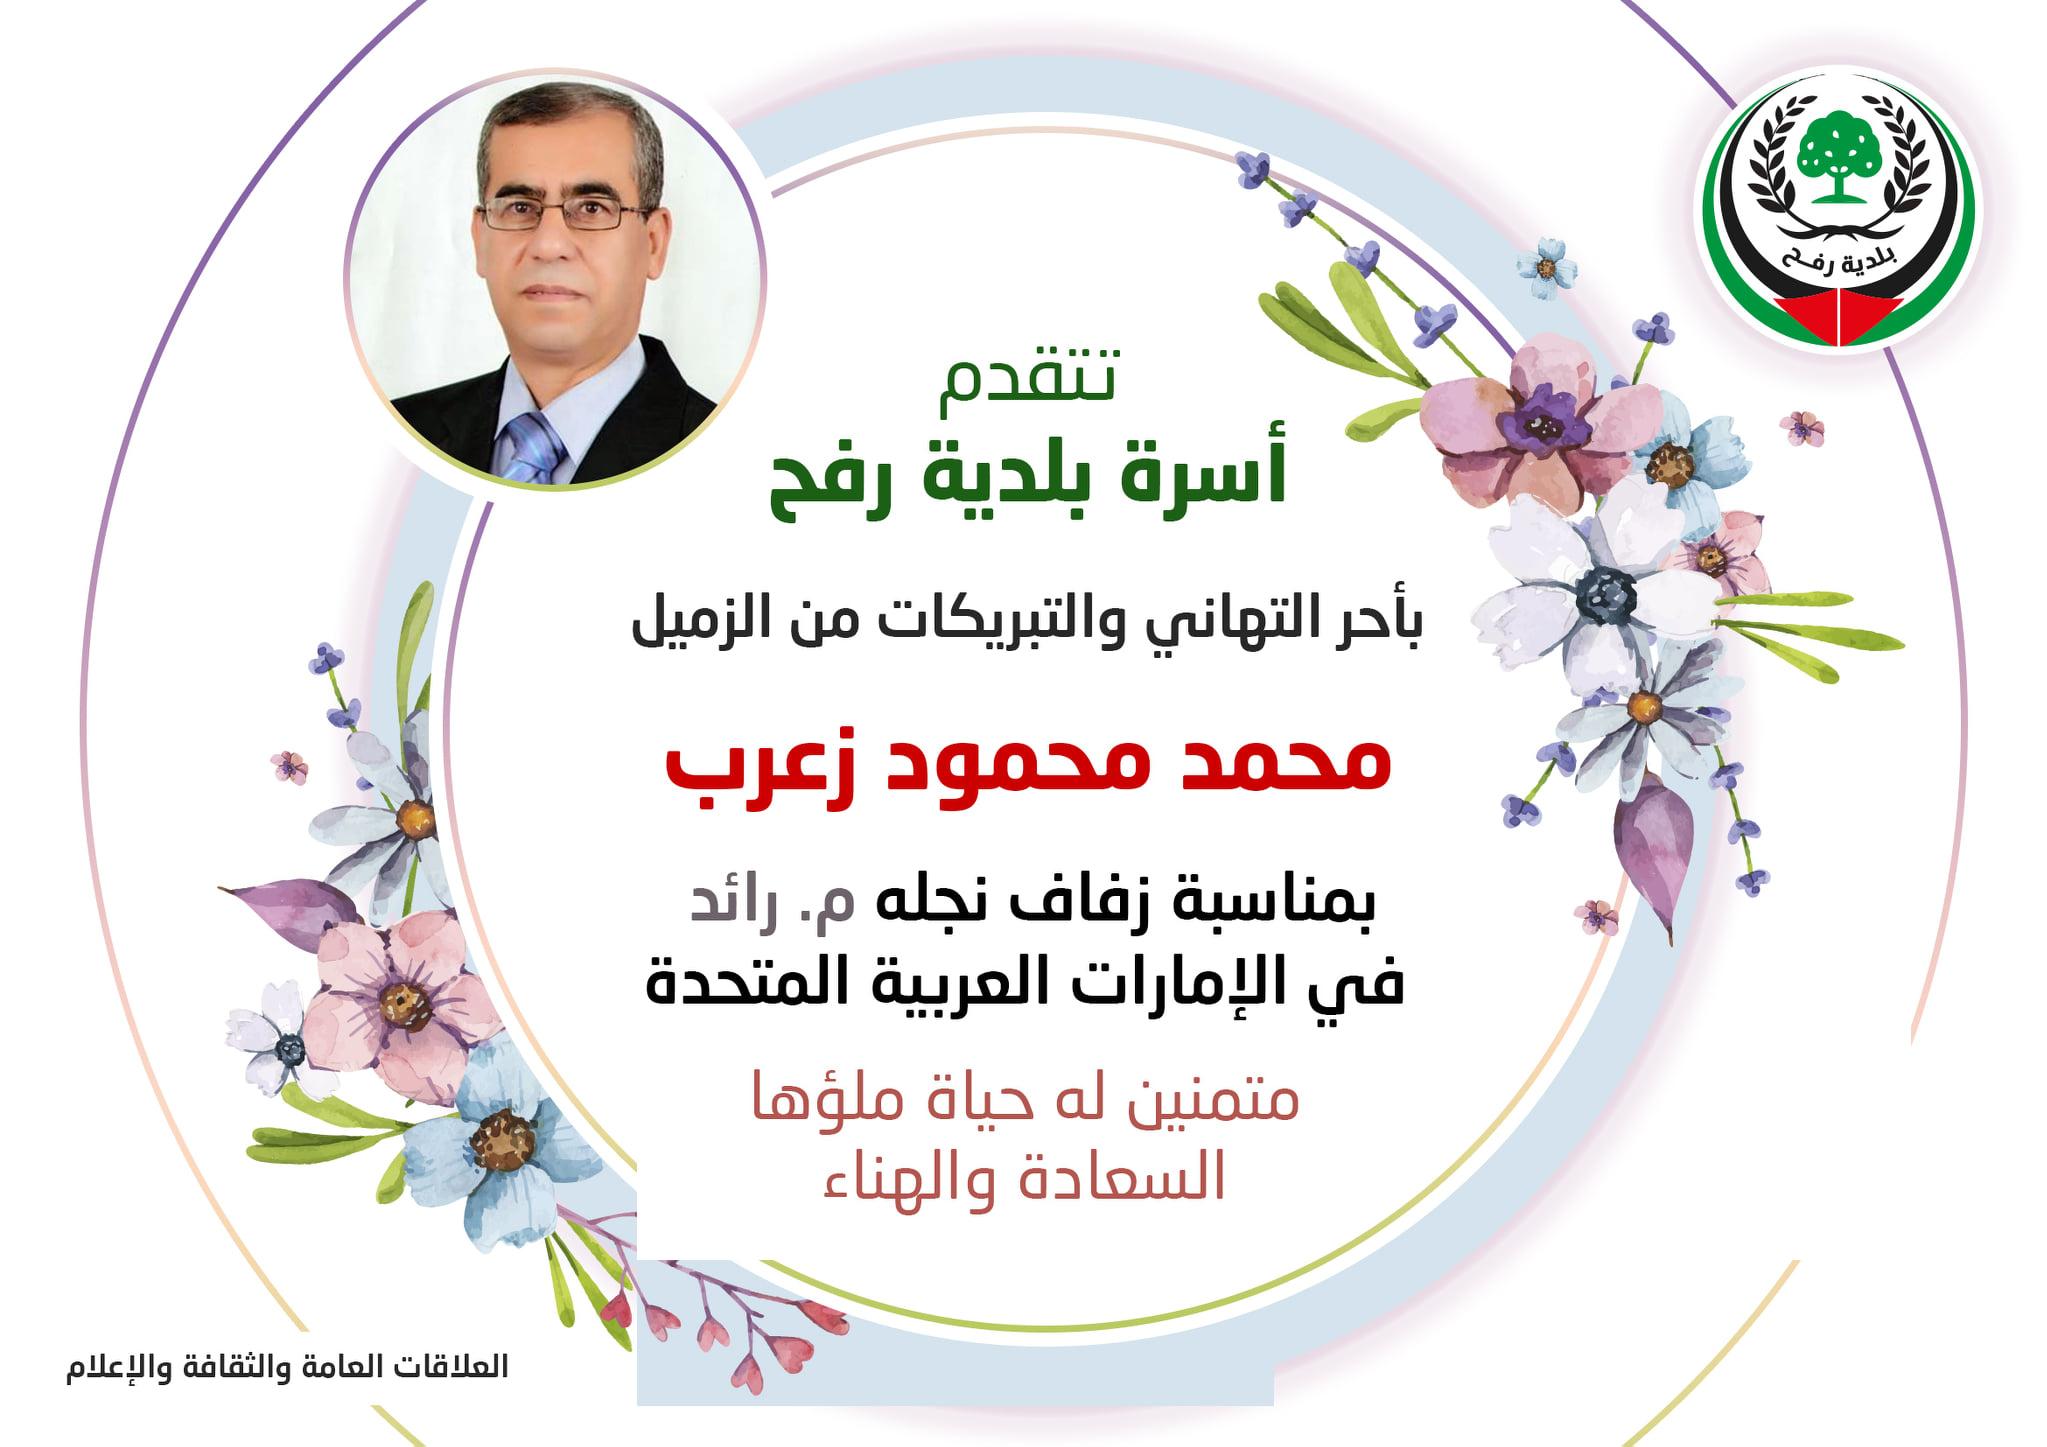 تهنئة للزميل محمد زعرب بزفاف نجله